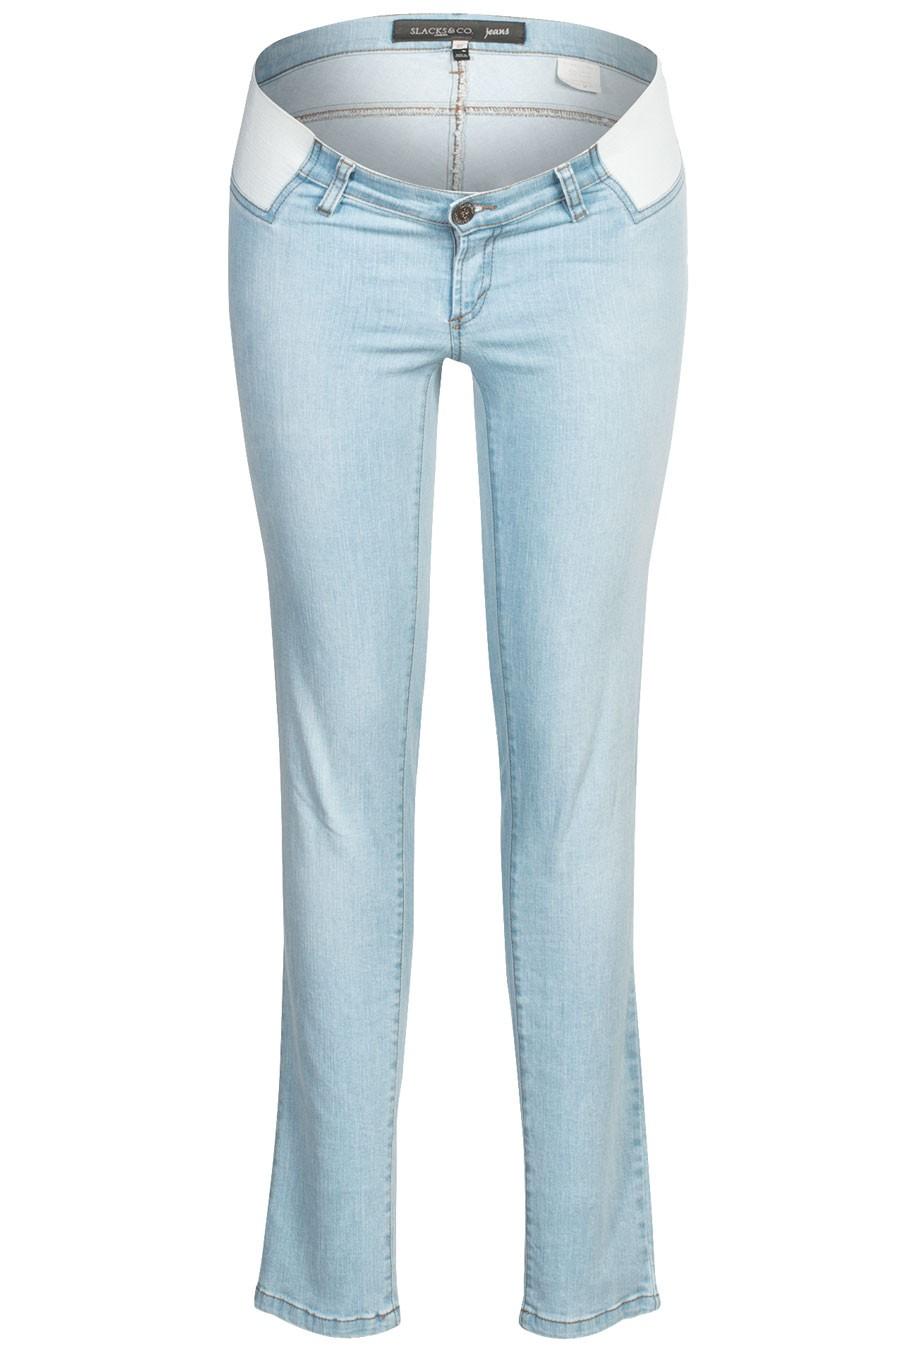 SOHO Formal Jeans